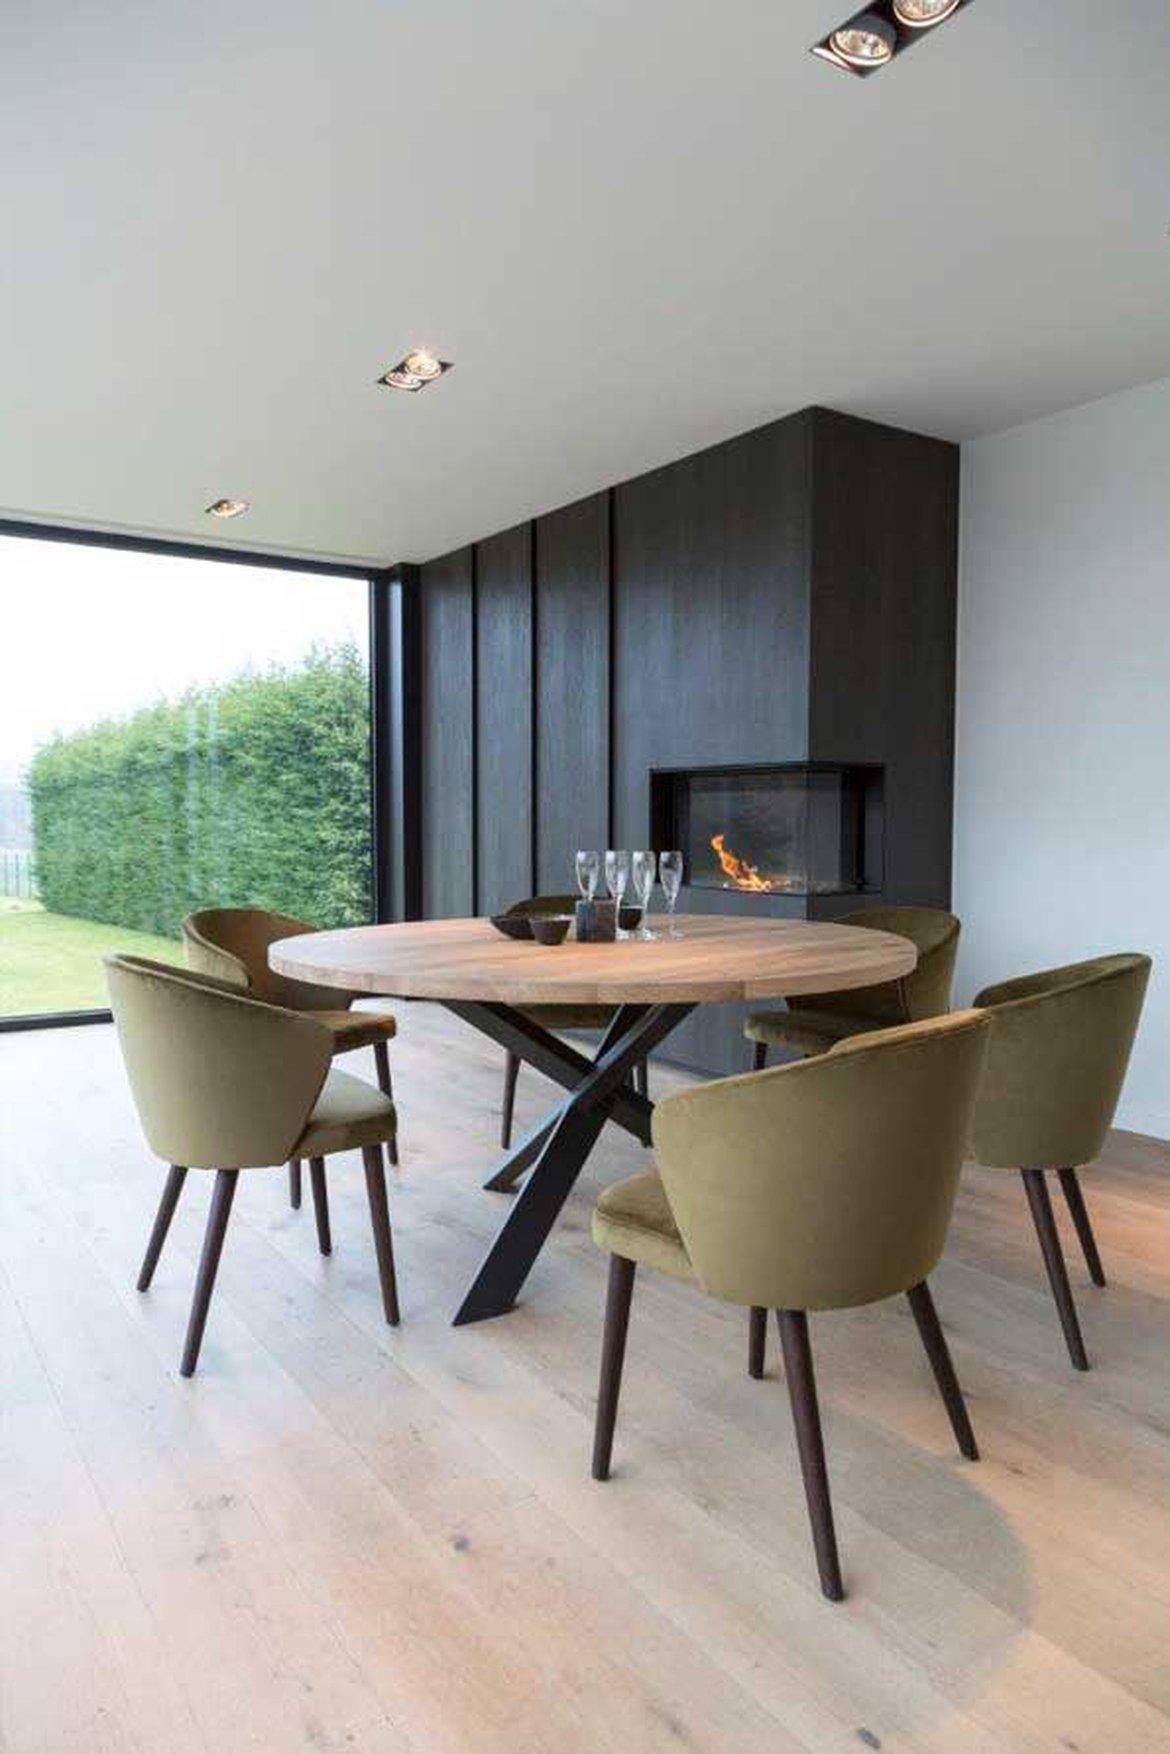 table en bois fauteuils velours design 1170x0 q85 subsampling 2 upscale